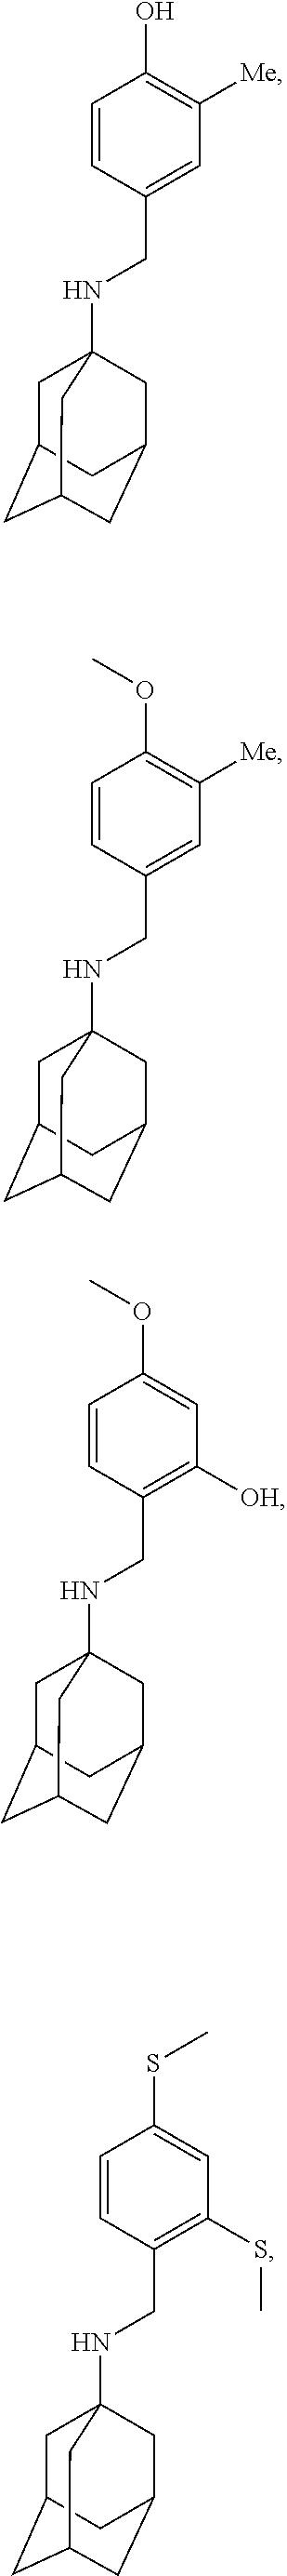 Figure US09884832-20180206-C00016